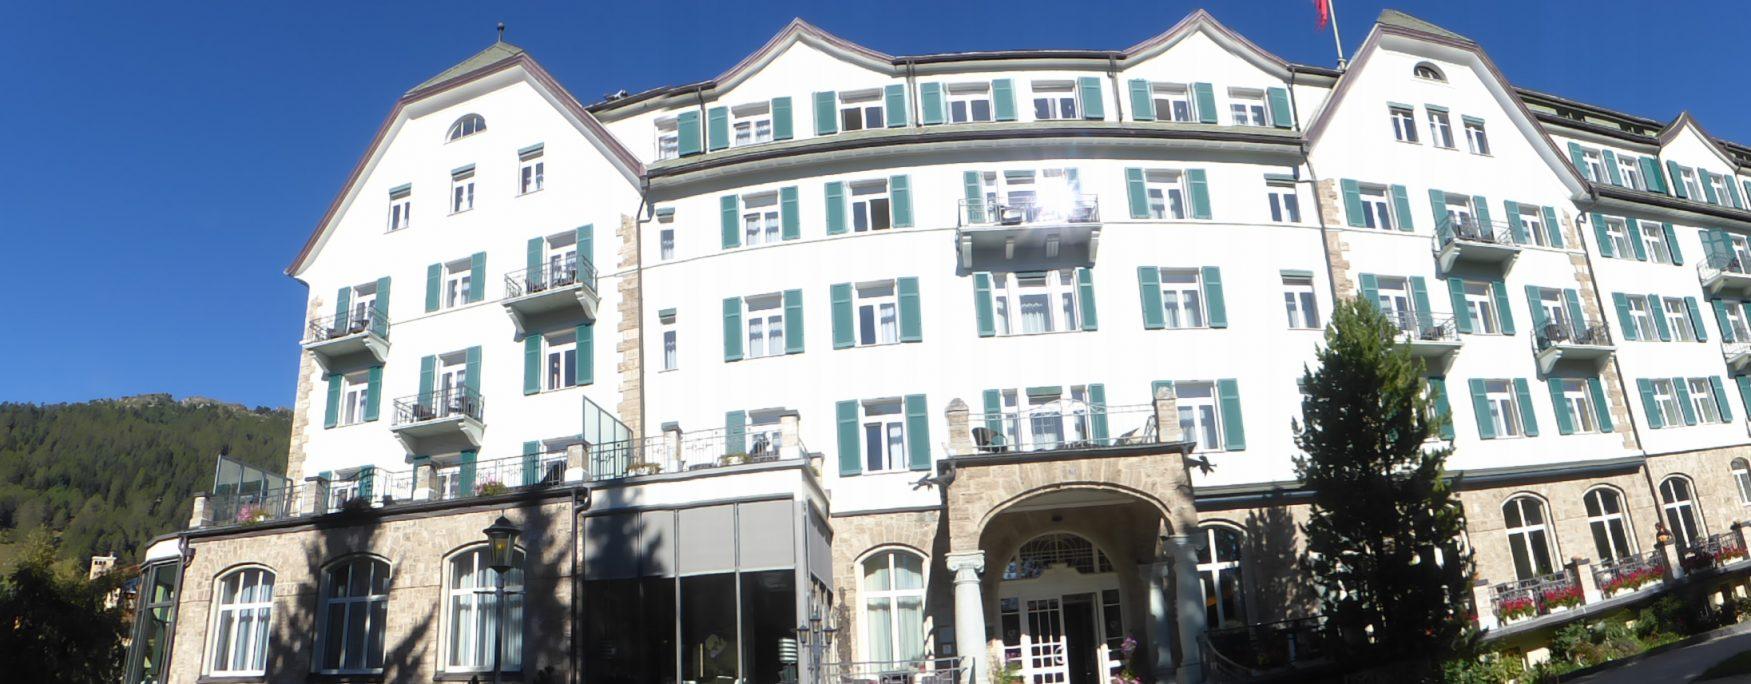 Das Grandhotel Cresta Palace in Celerina im Engadin, Foto: Weirauch